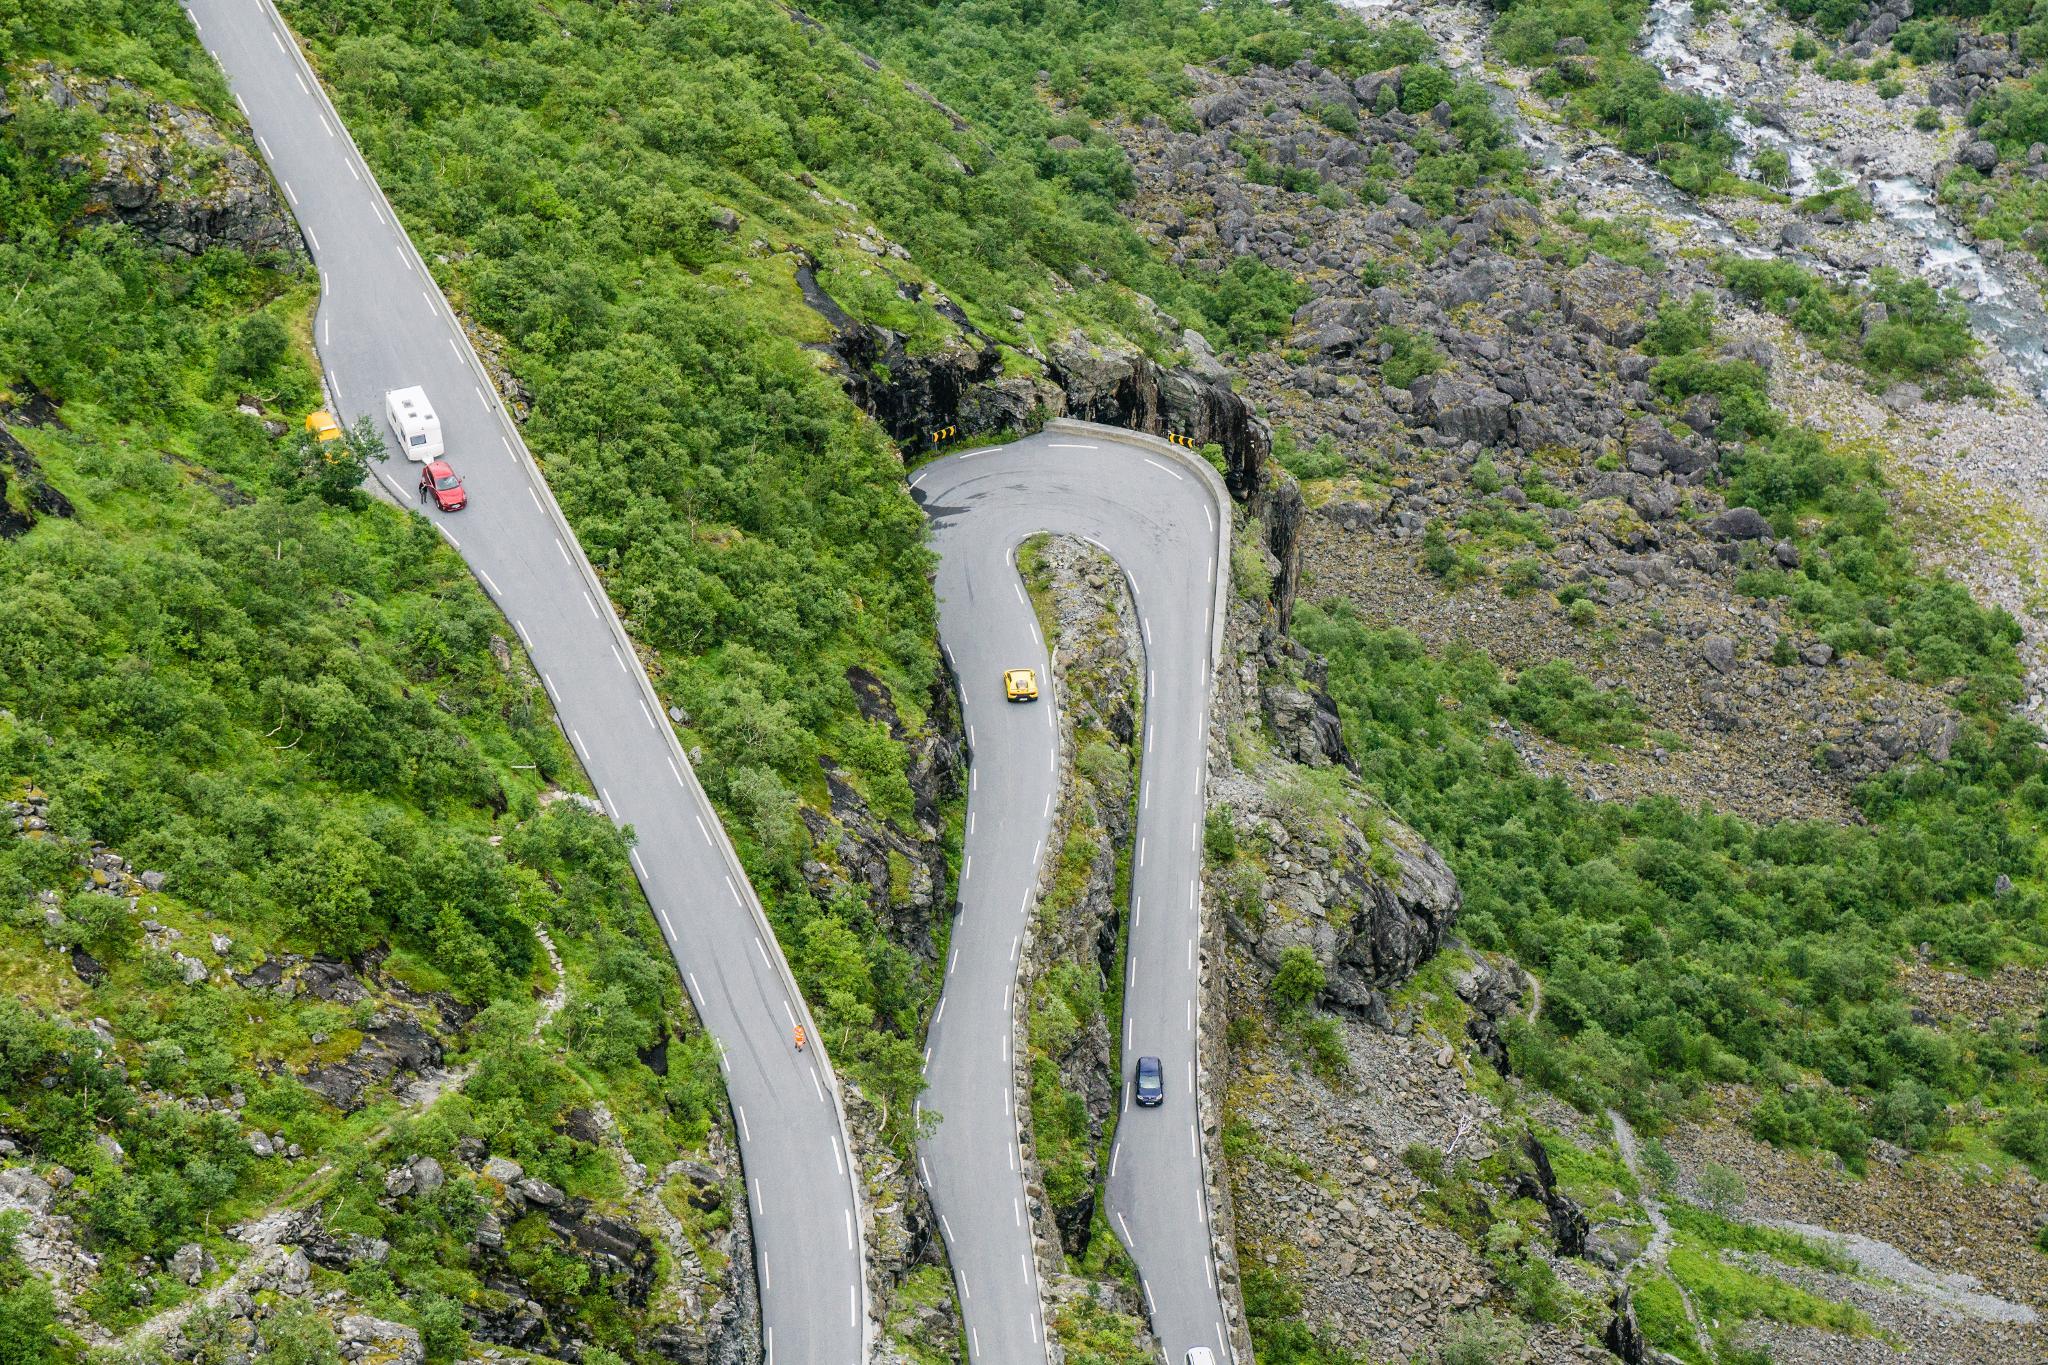 【北歐景點】Trollstigen 精靈之路 ∣ 挪威最驚險的世界級景觀公路 18